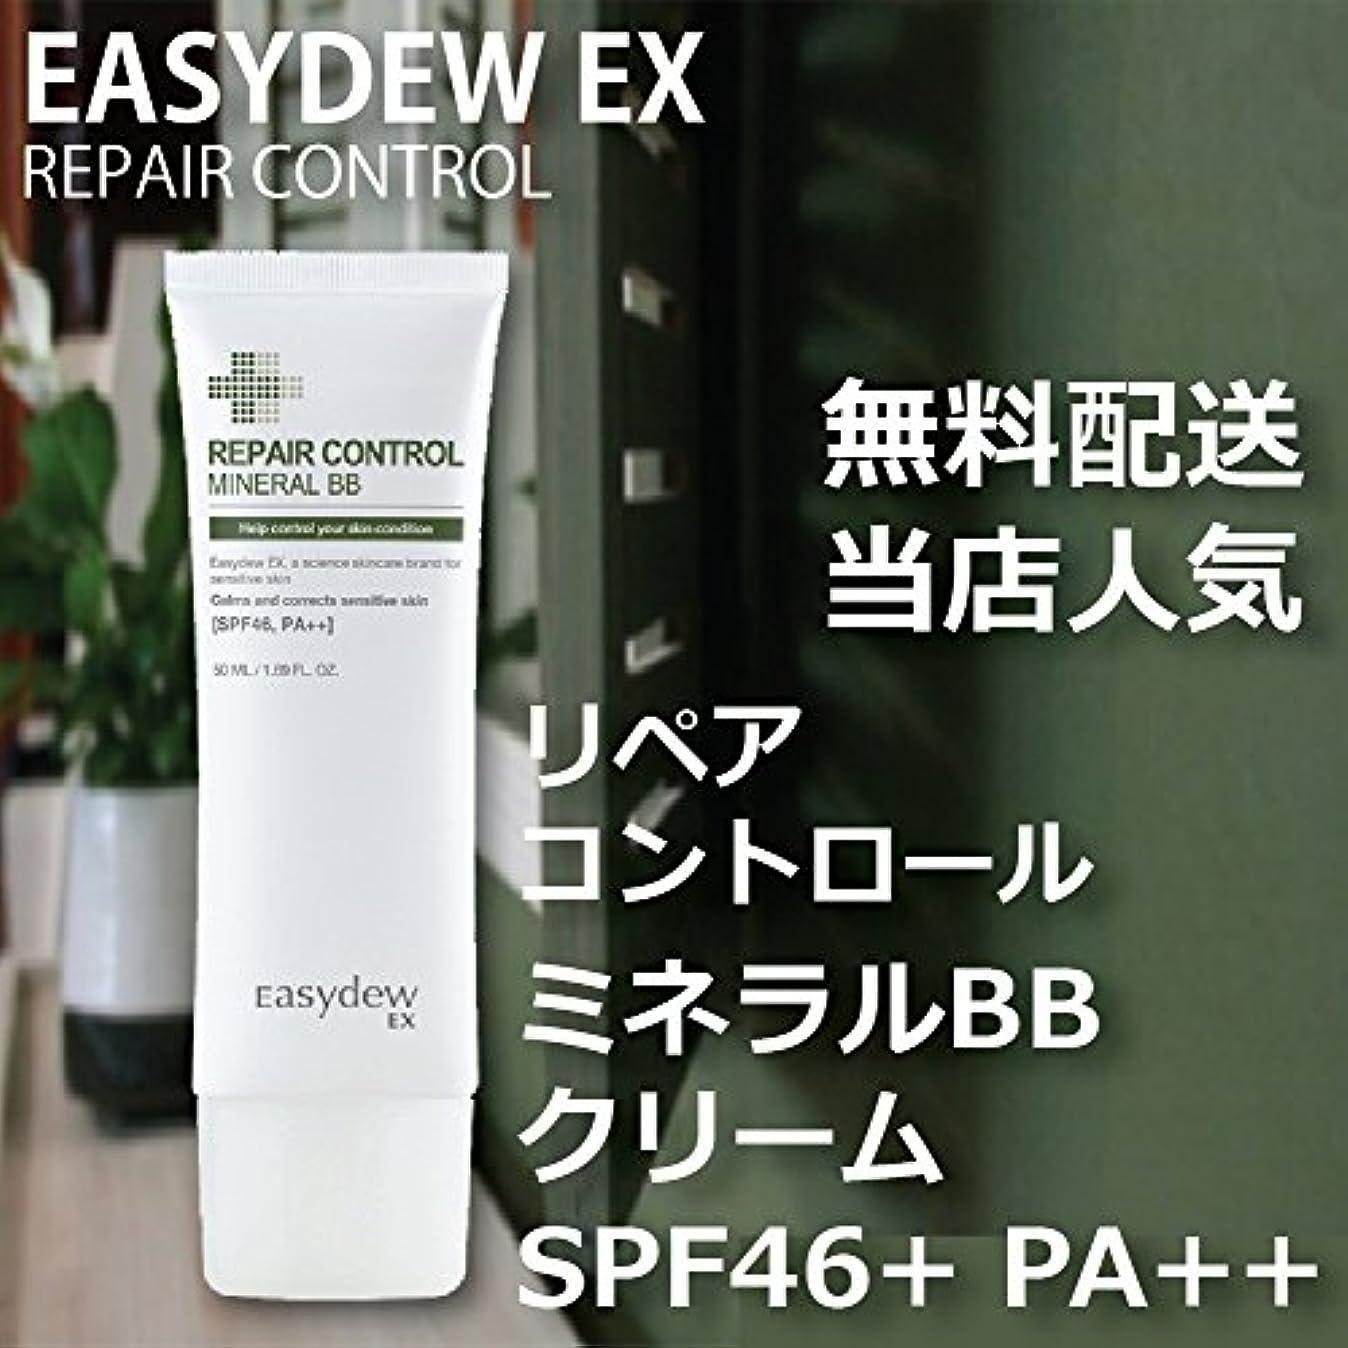 に対して何でもありがたいEASY DEW EX ミネラル BBクリーム SPF46+ PA++ 50ml MINRAL BB CREAM 韓国 人気 コスメ イージーデュー 敏感 乾燥 美白 しわ 3重機能性